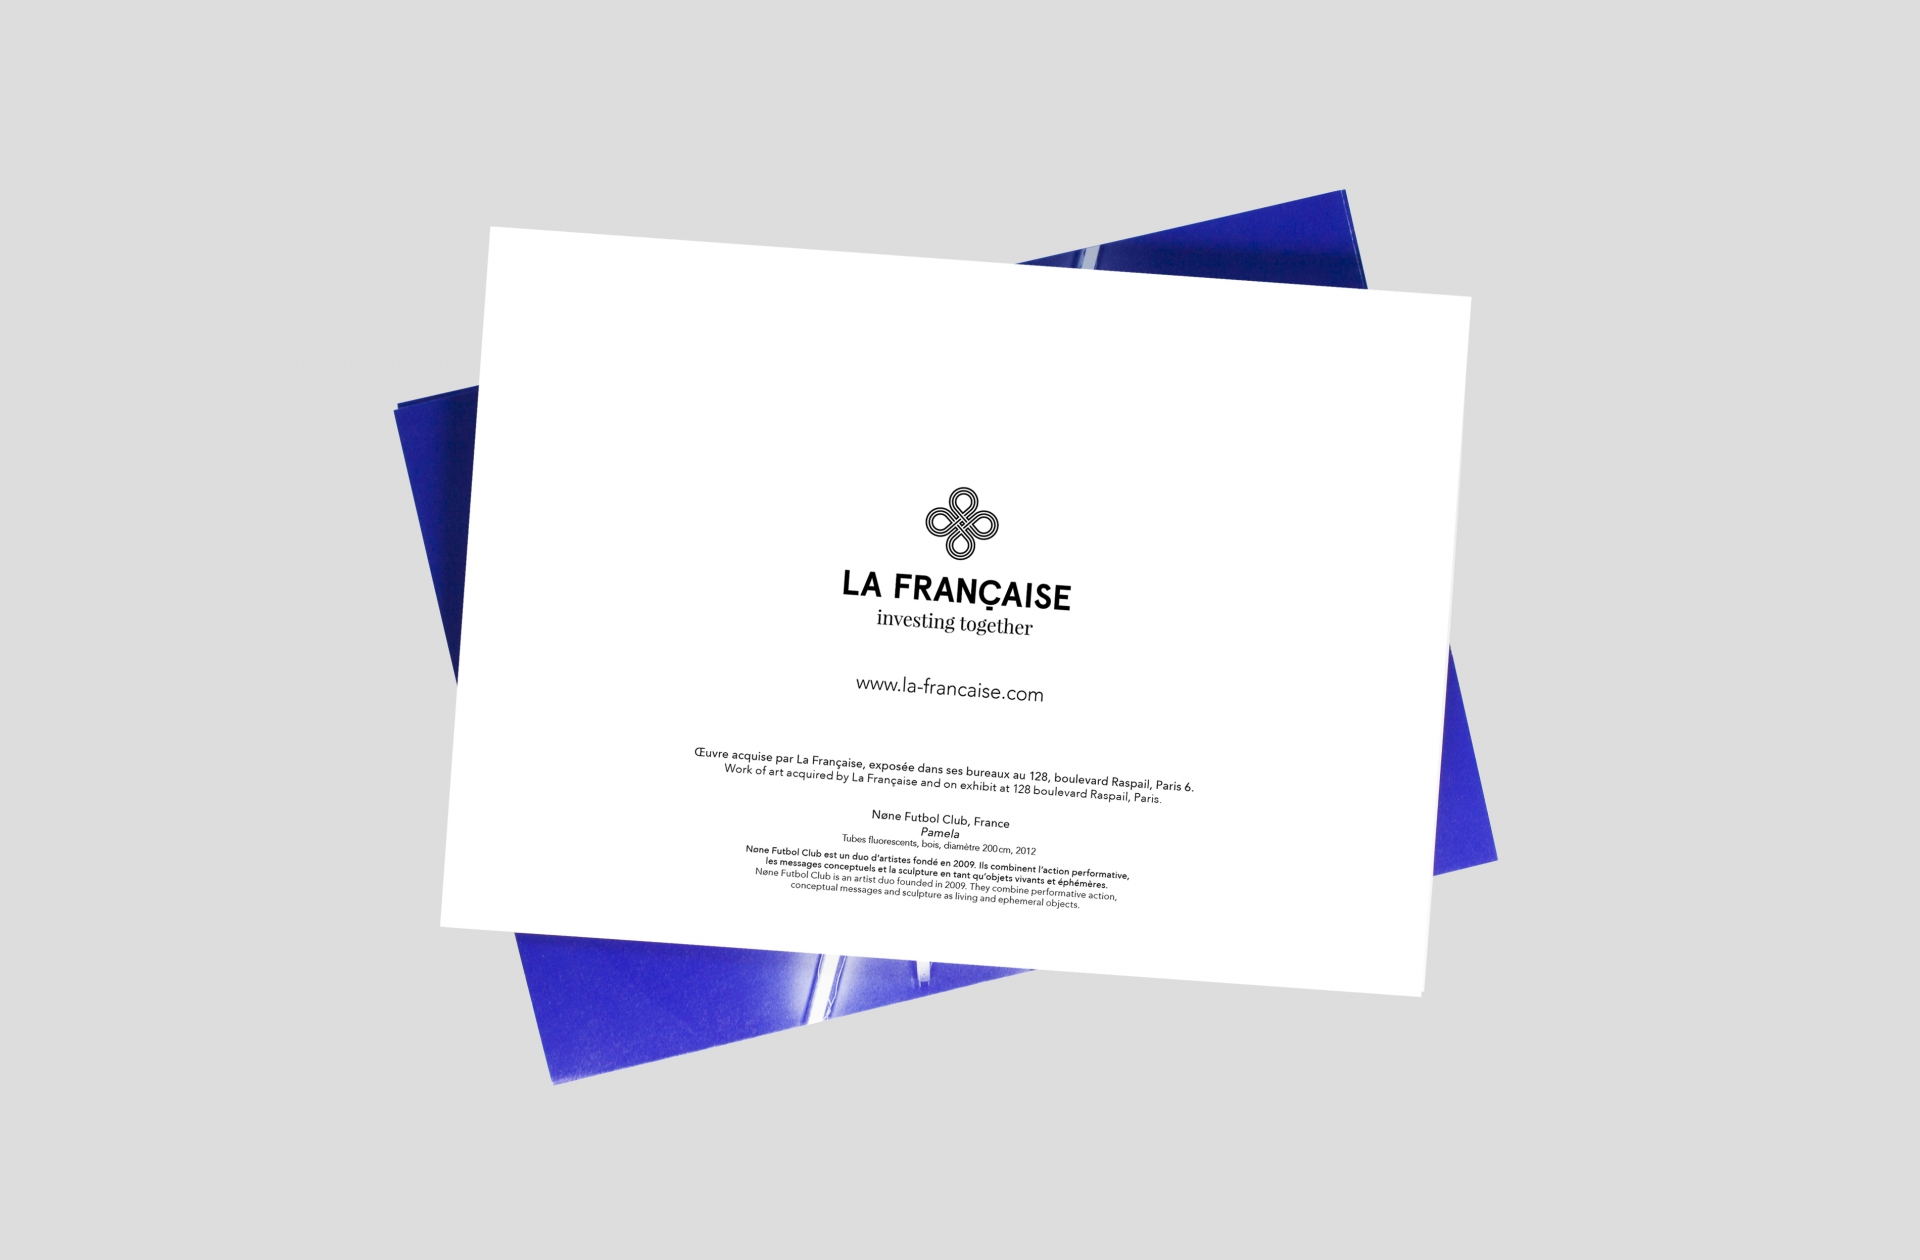 Julie Richard Agence Lemonchik – La Française, vœux